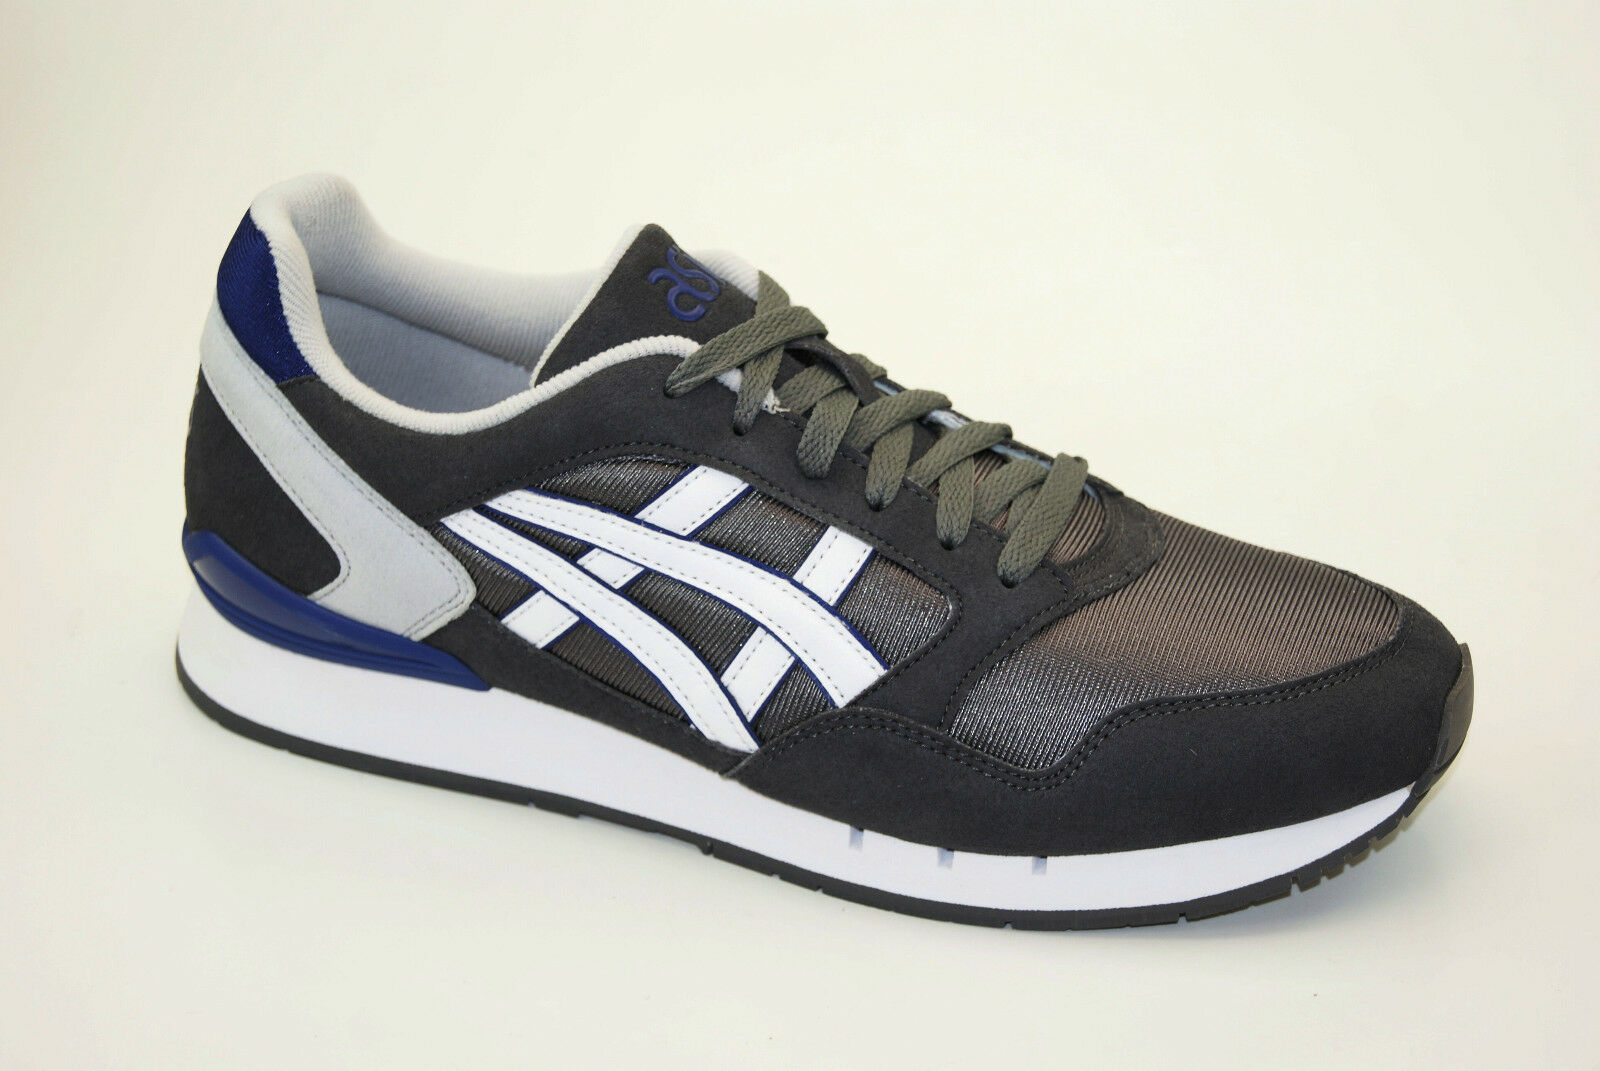 Asics gel-Atlantis zapatillas calzado deportivo zapatillas de deporte zapatillas para correr zapatos h5a0n-1101